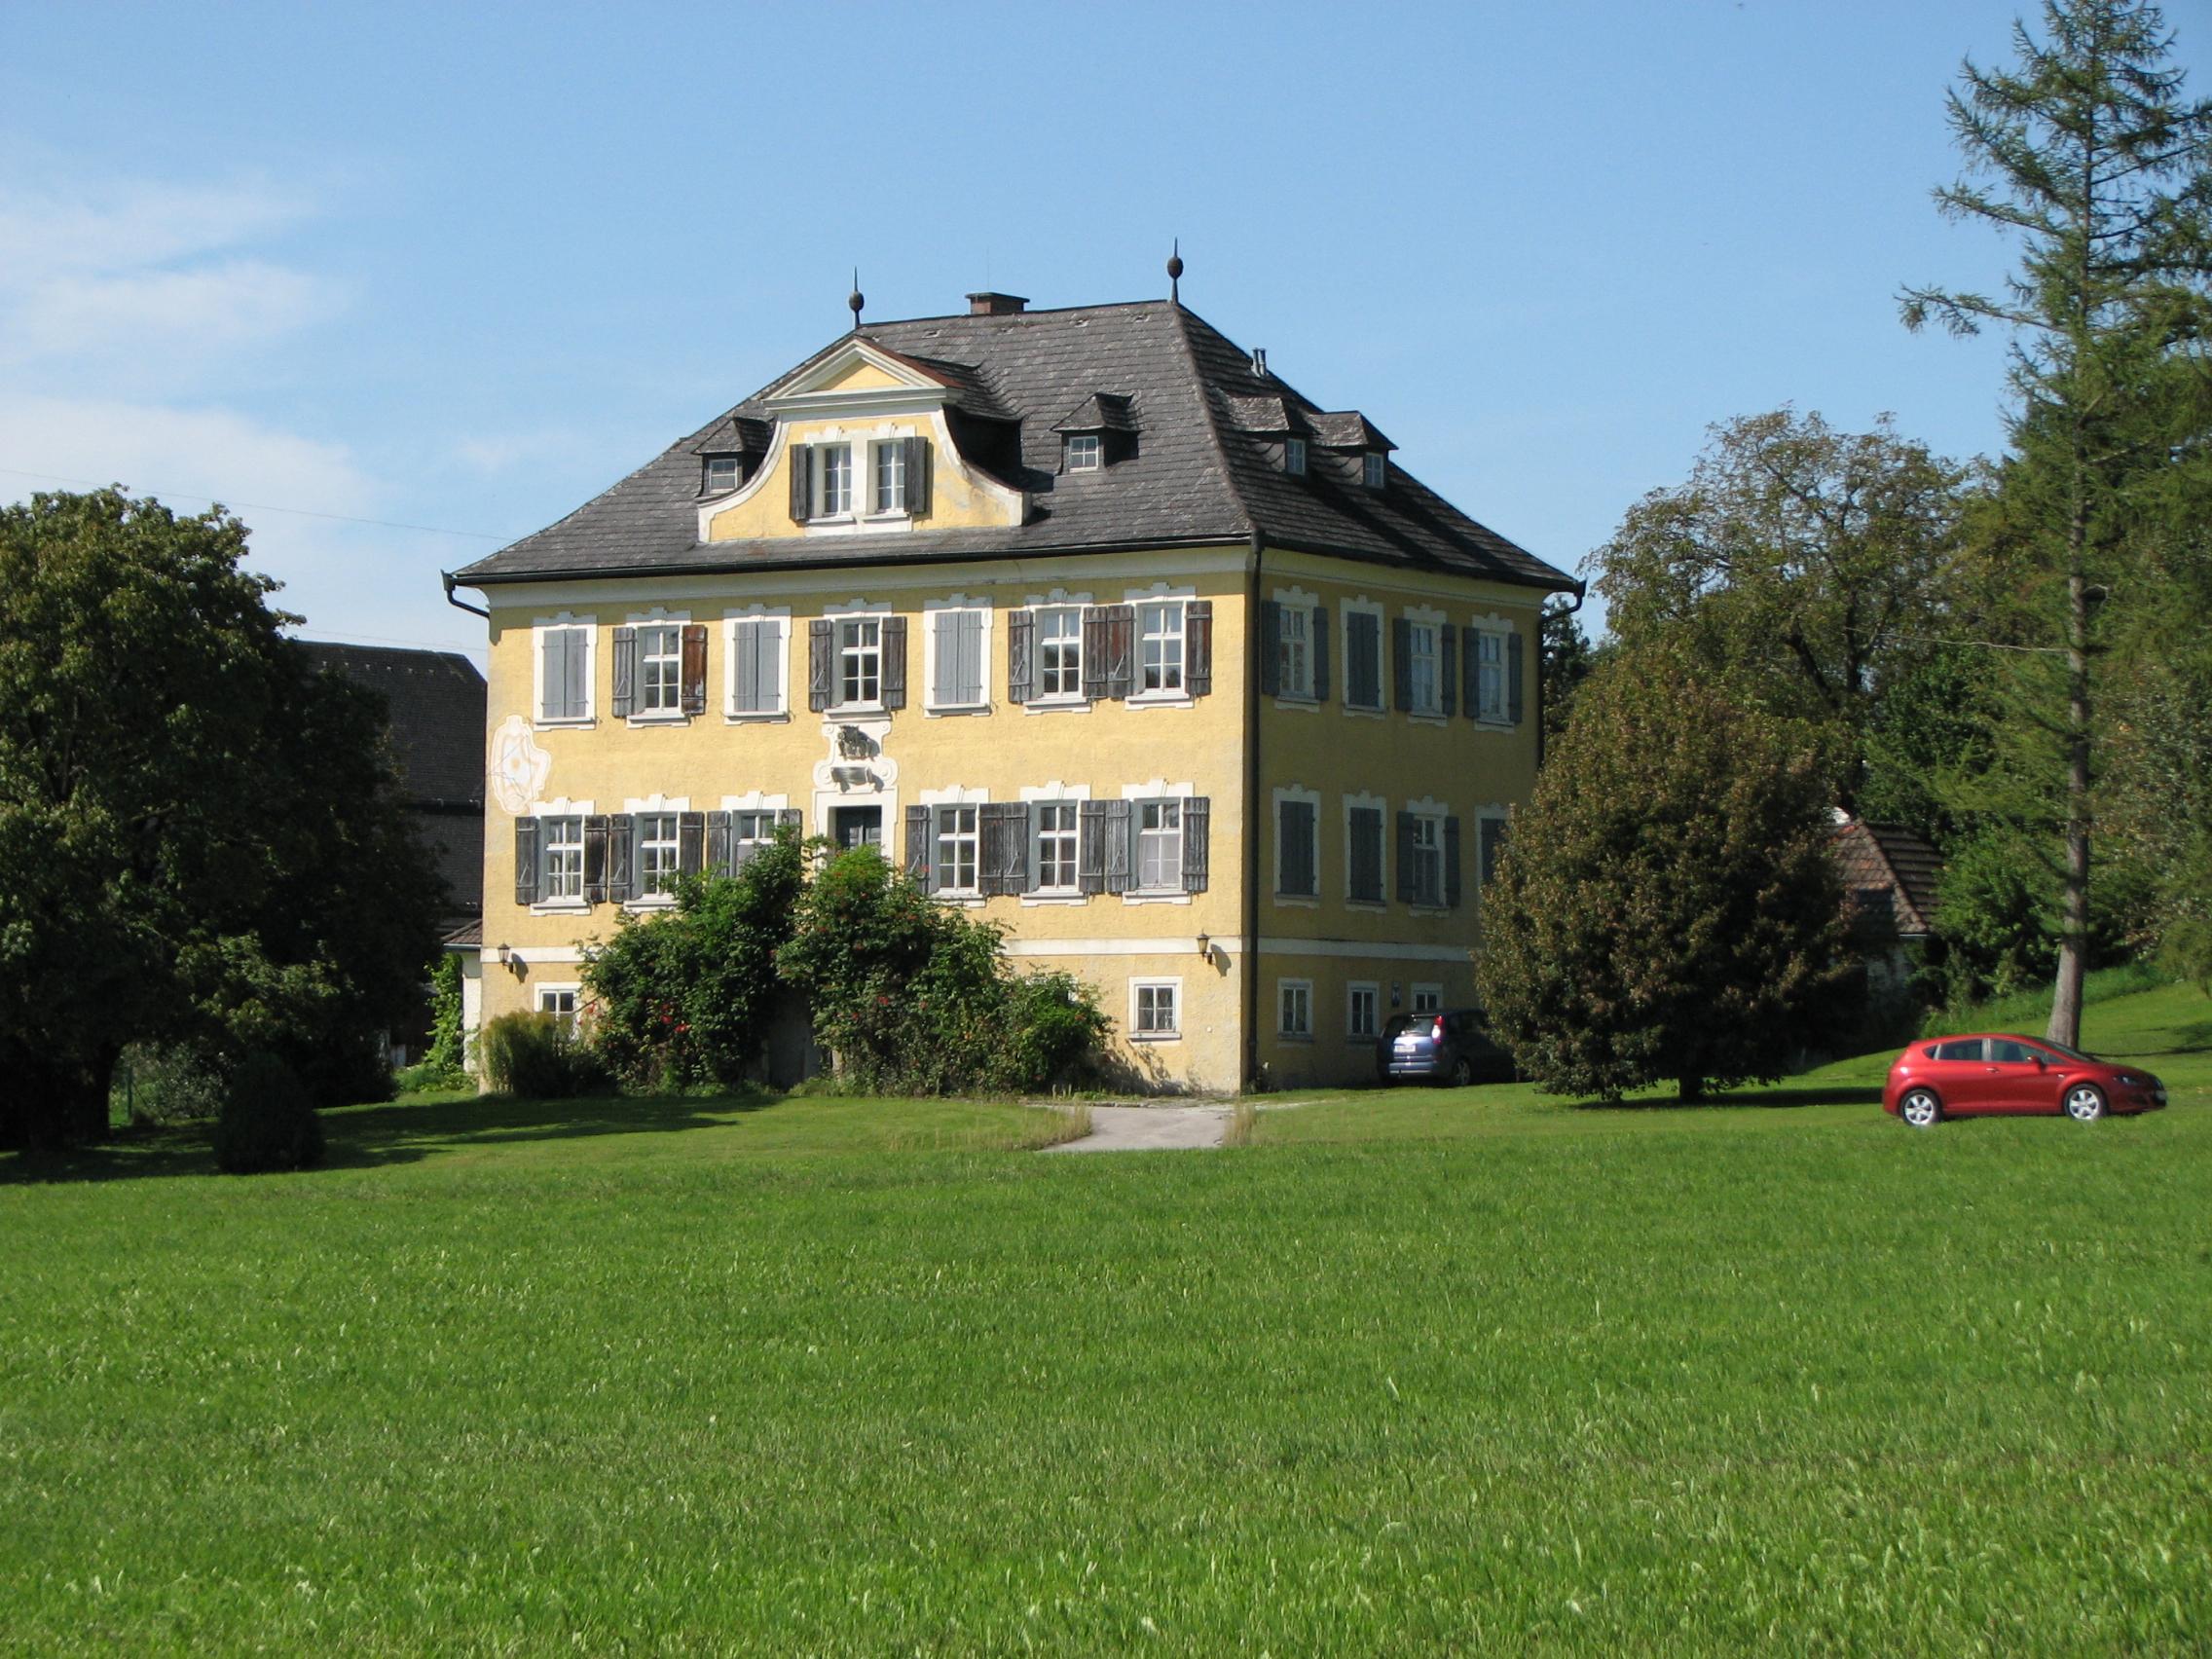 Veranstaltungen - Elixhausen - Startseite - Unser Elixhausen